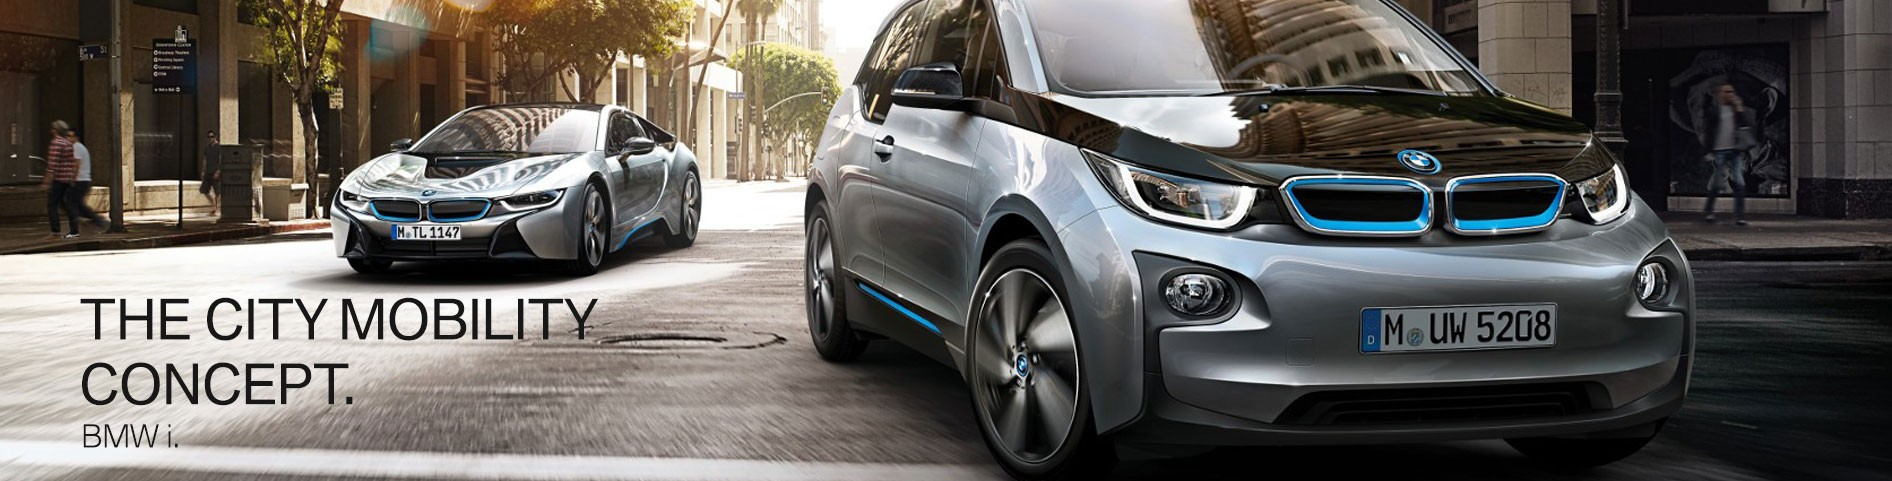 Policaro BMW - Official BMW i Dealer